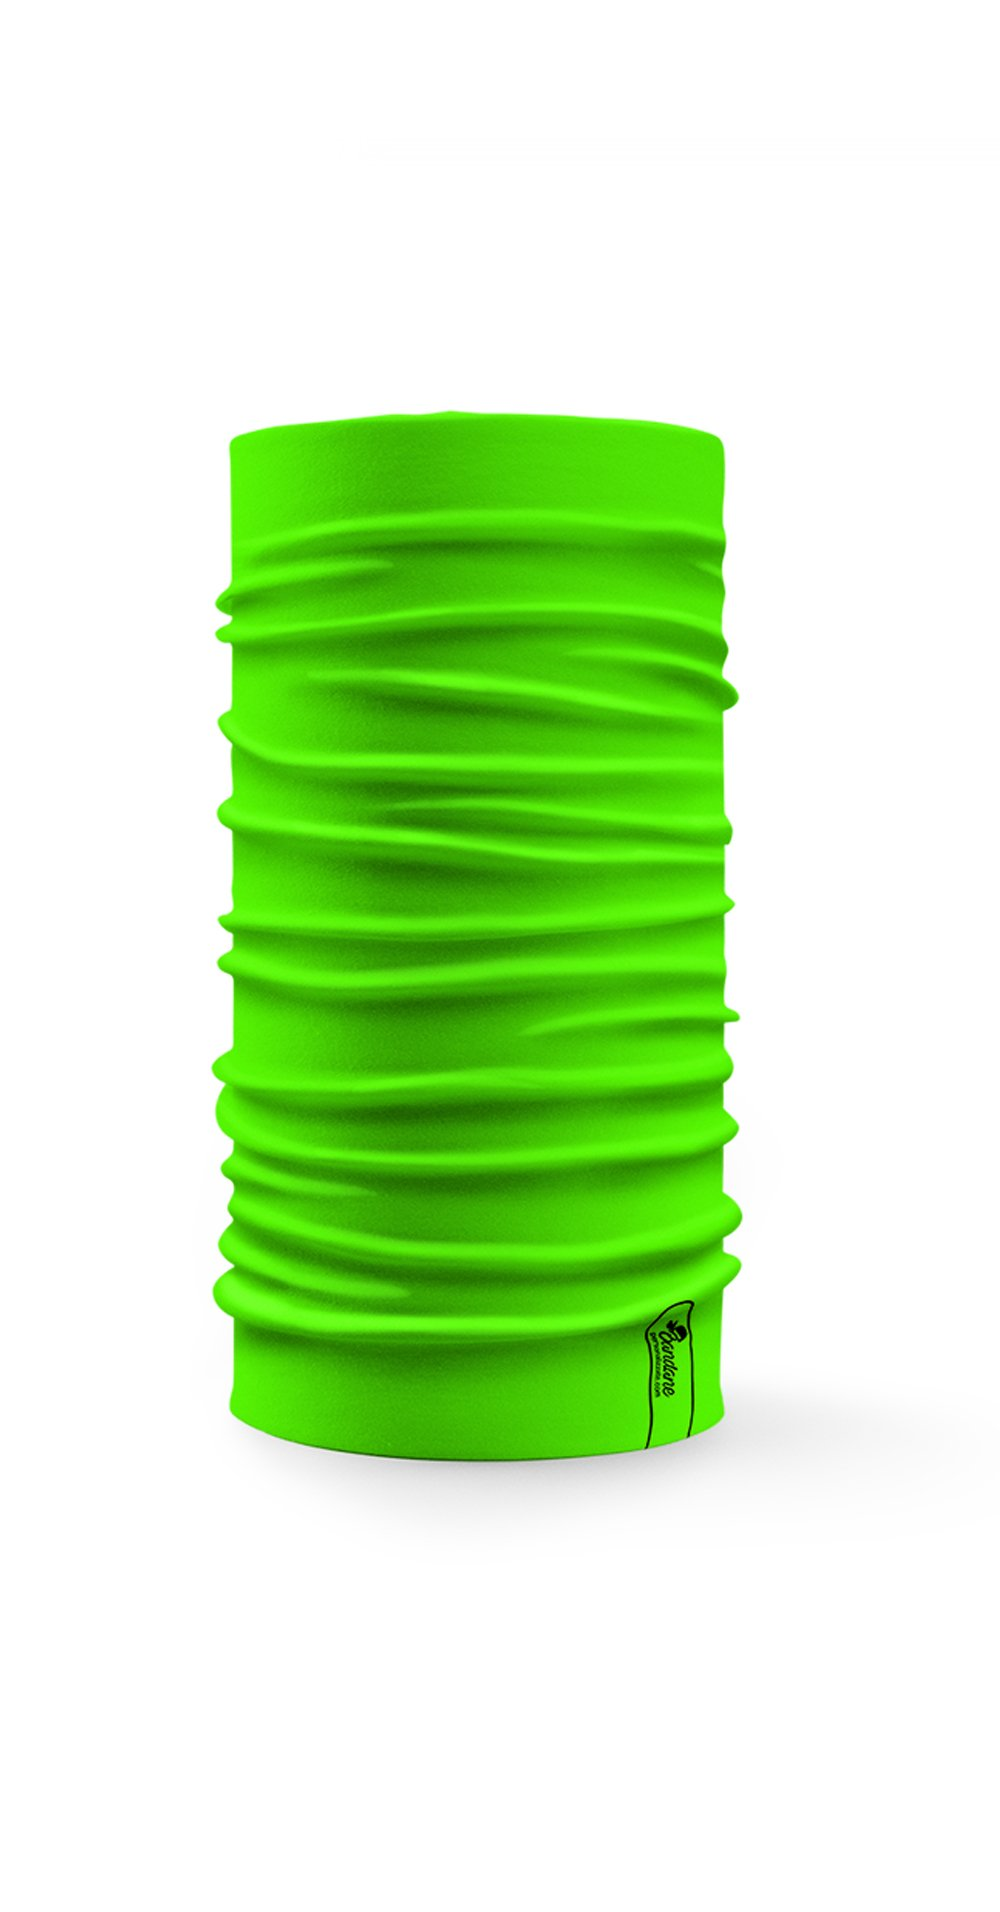 Bandana tubolare multifunzione a tinta unita color verde fluo ad alta visibilità